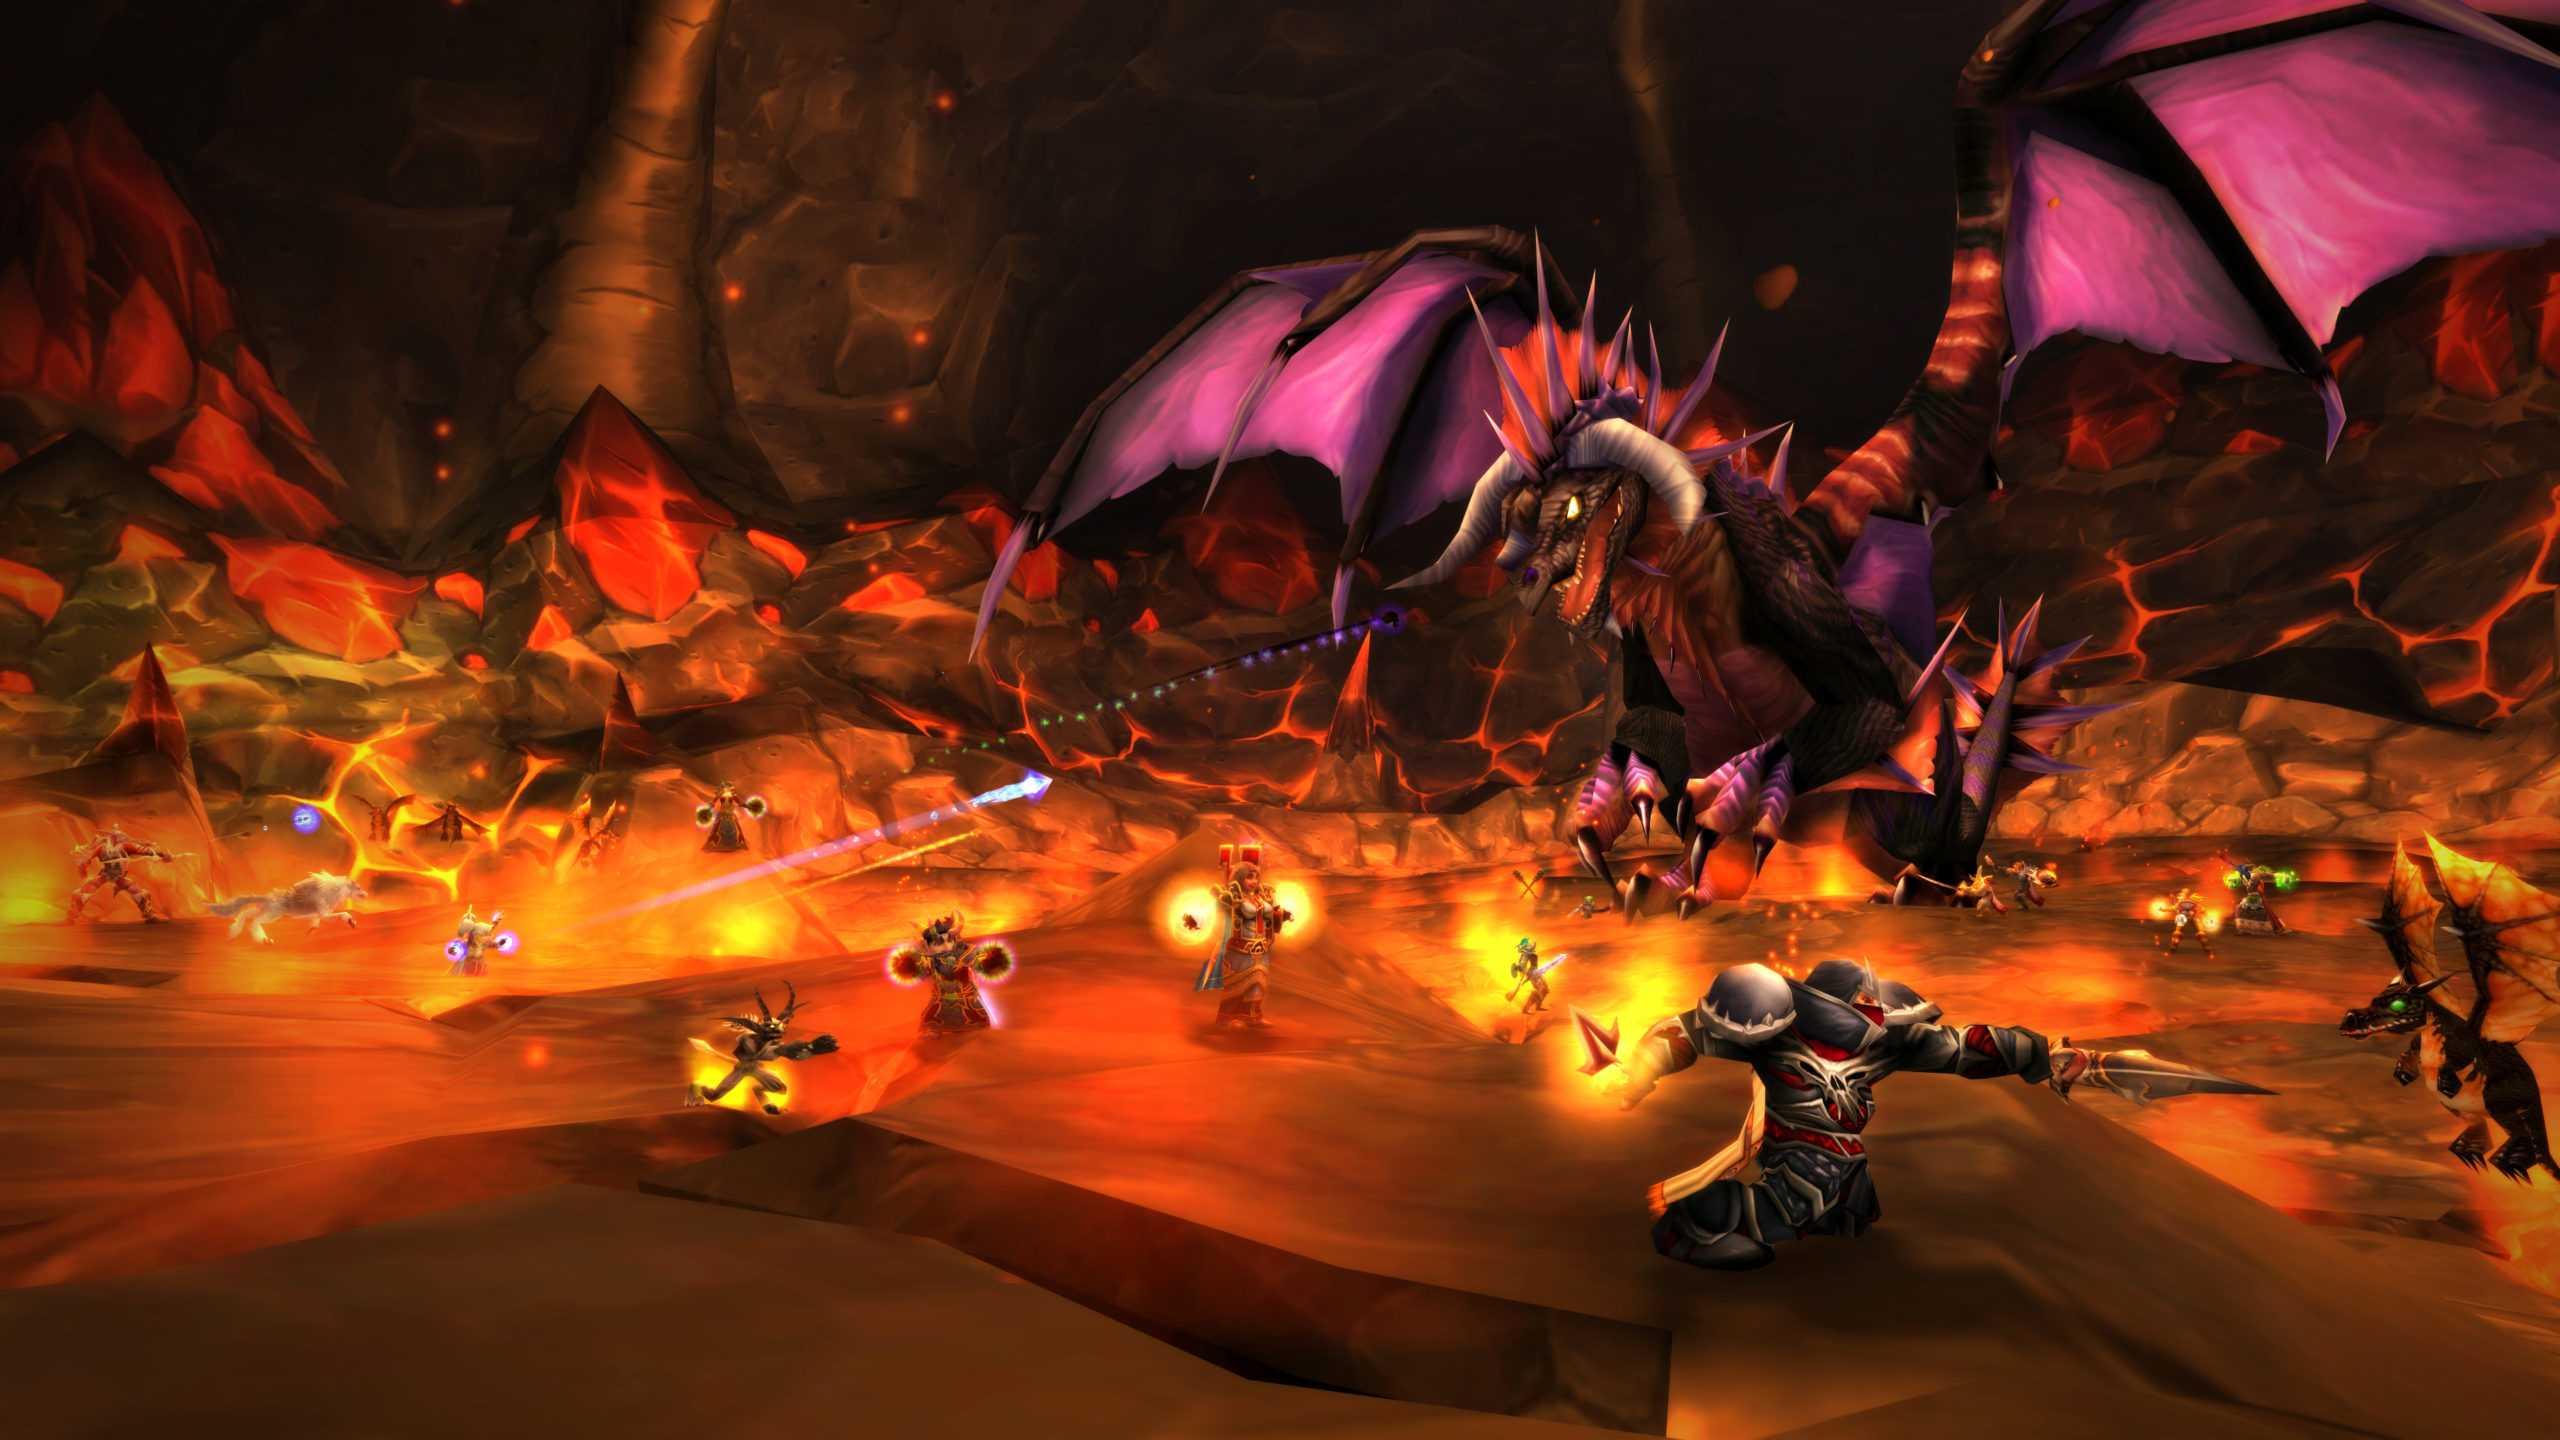 World of Warcraft: 2 jugadores logran la hazaña de terminar solos una incursión destinada a 40 jugadores